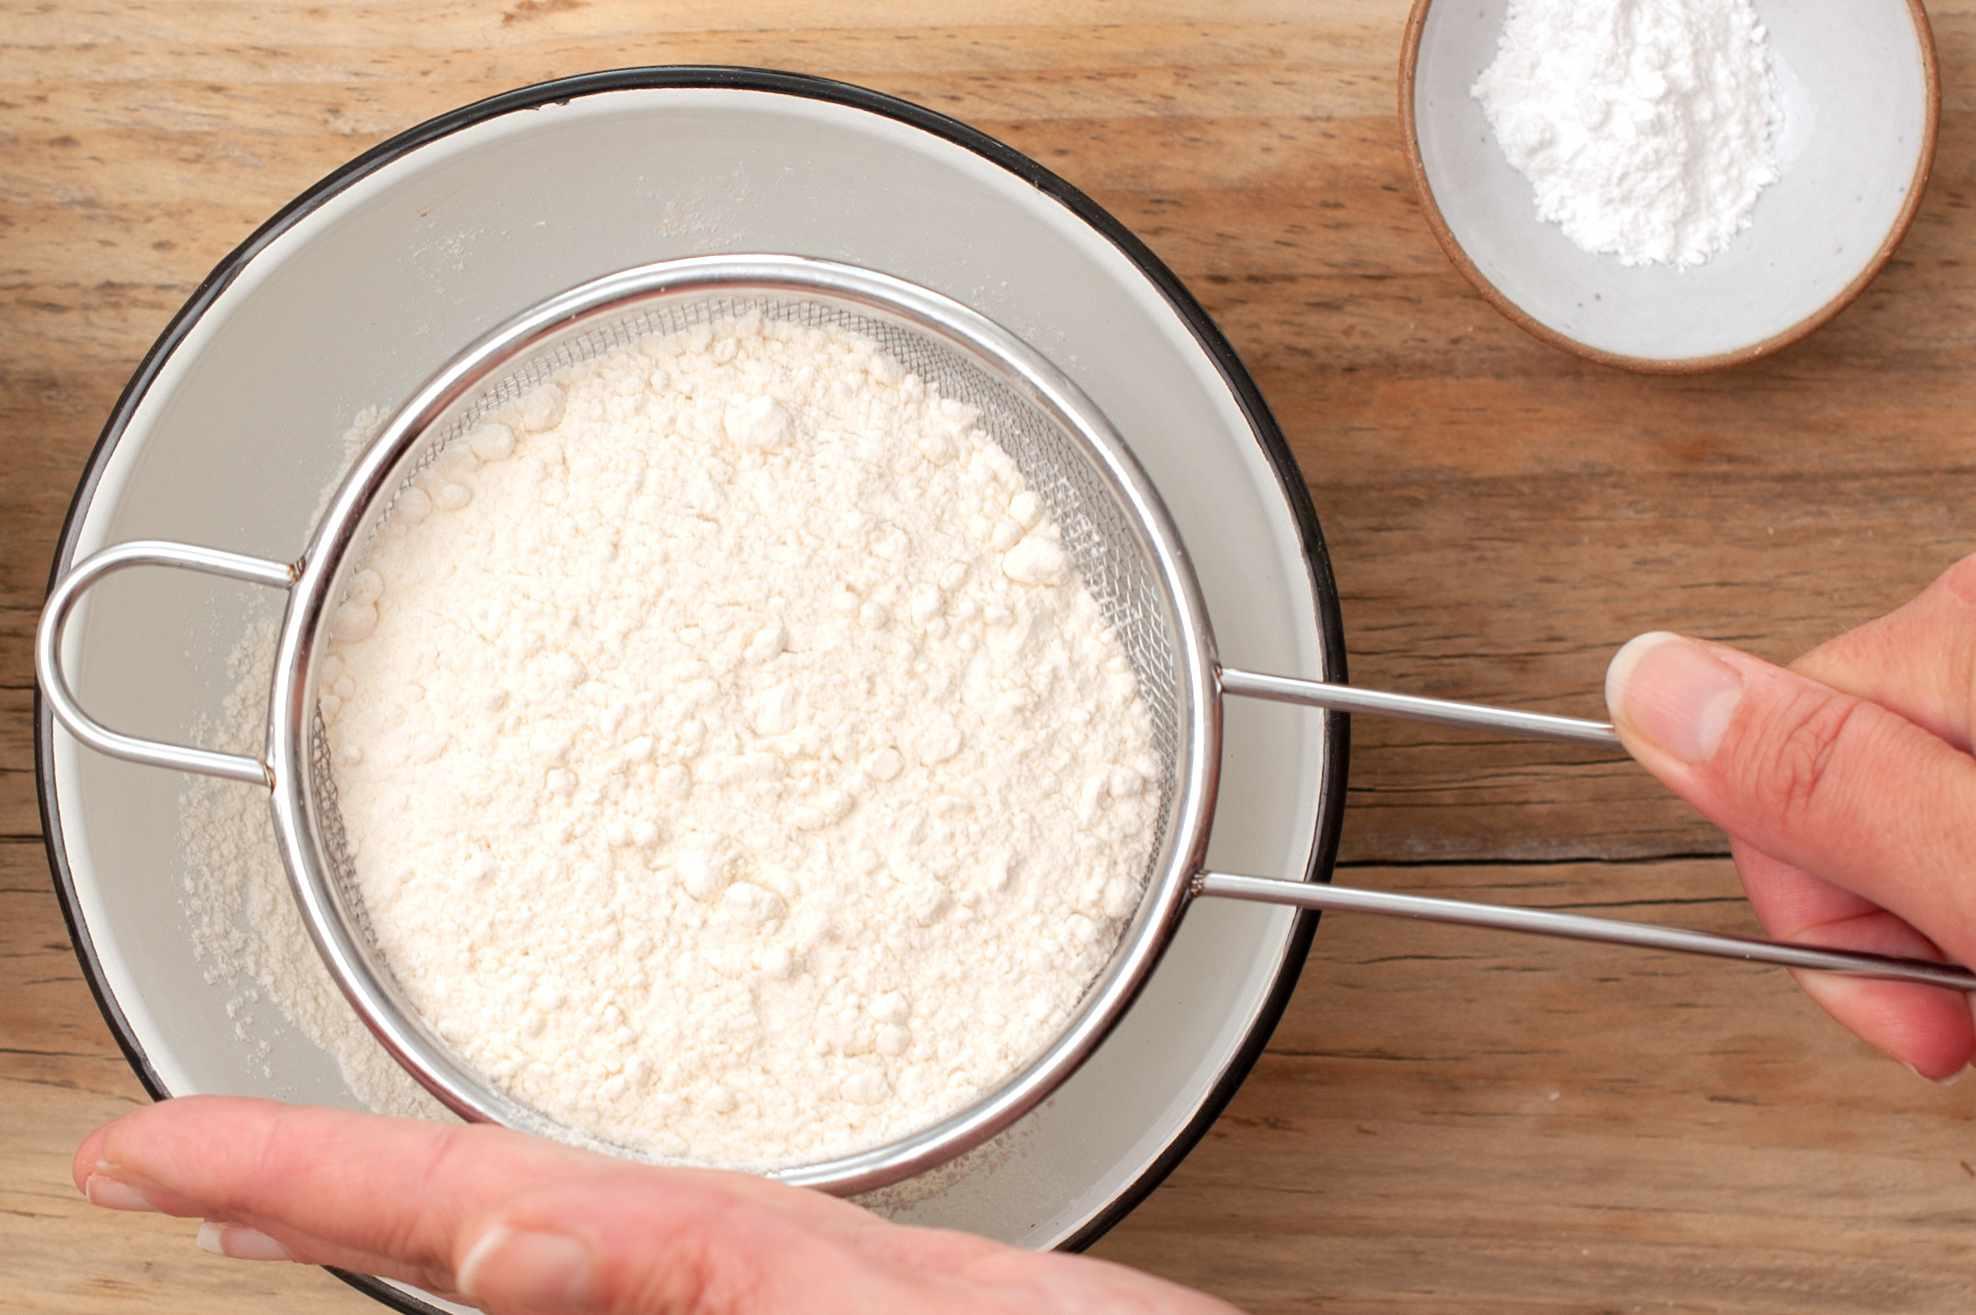 Stir flour and salt